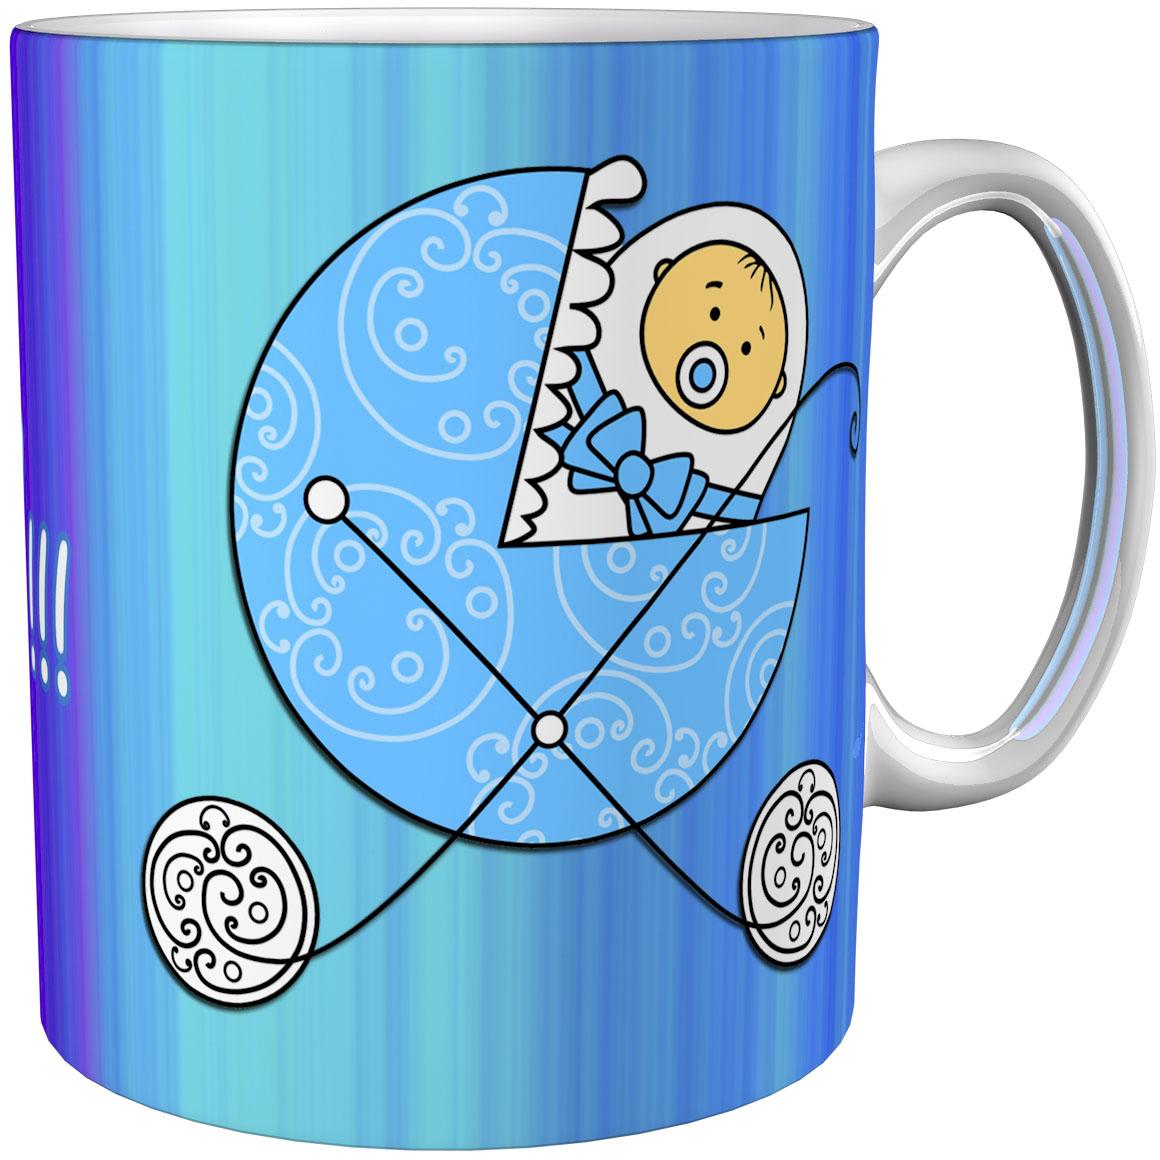 Kaffeetasse / Kaffeebecher / Kinderwagen / Junge / Geschenktasse